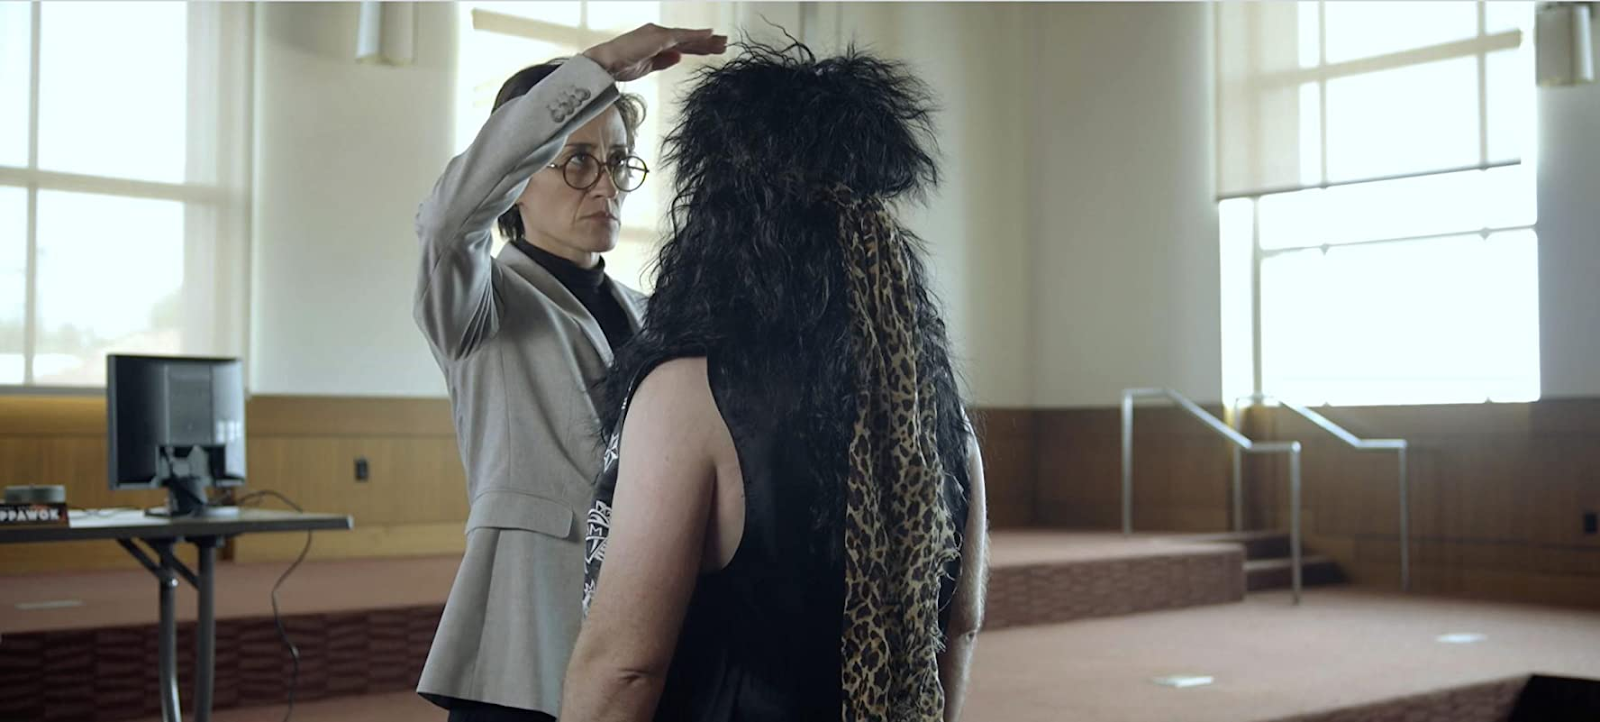 BEST SCI-FI 2020: фестиваль фантастического кино возвращается на большие экраны! - фото №3